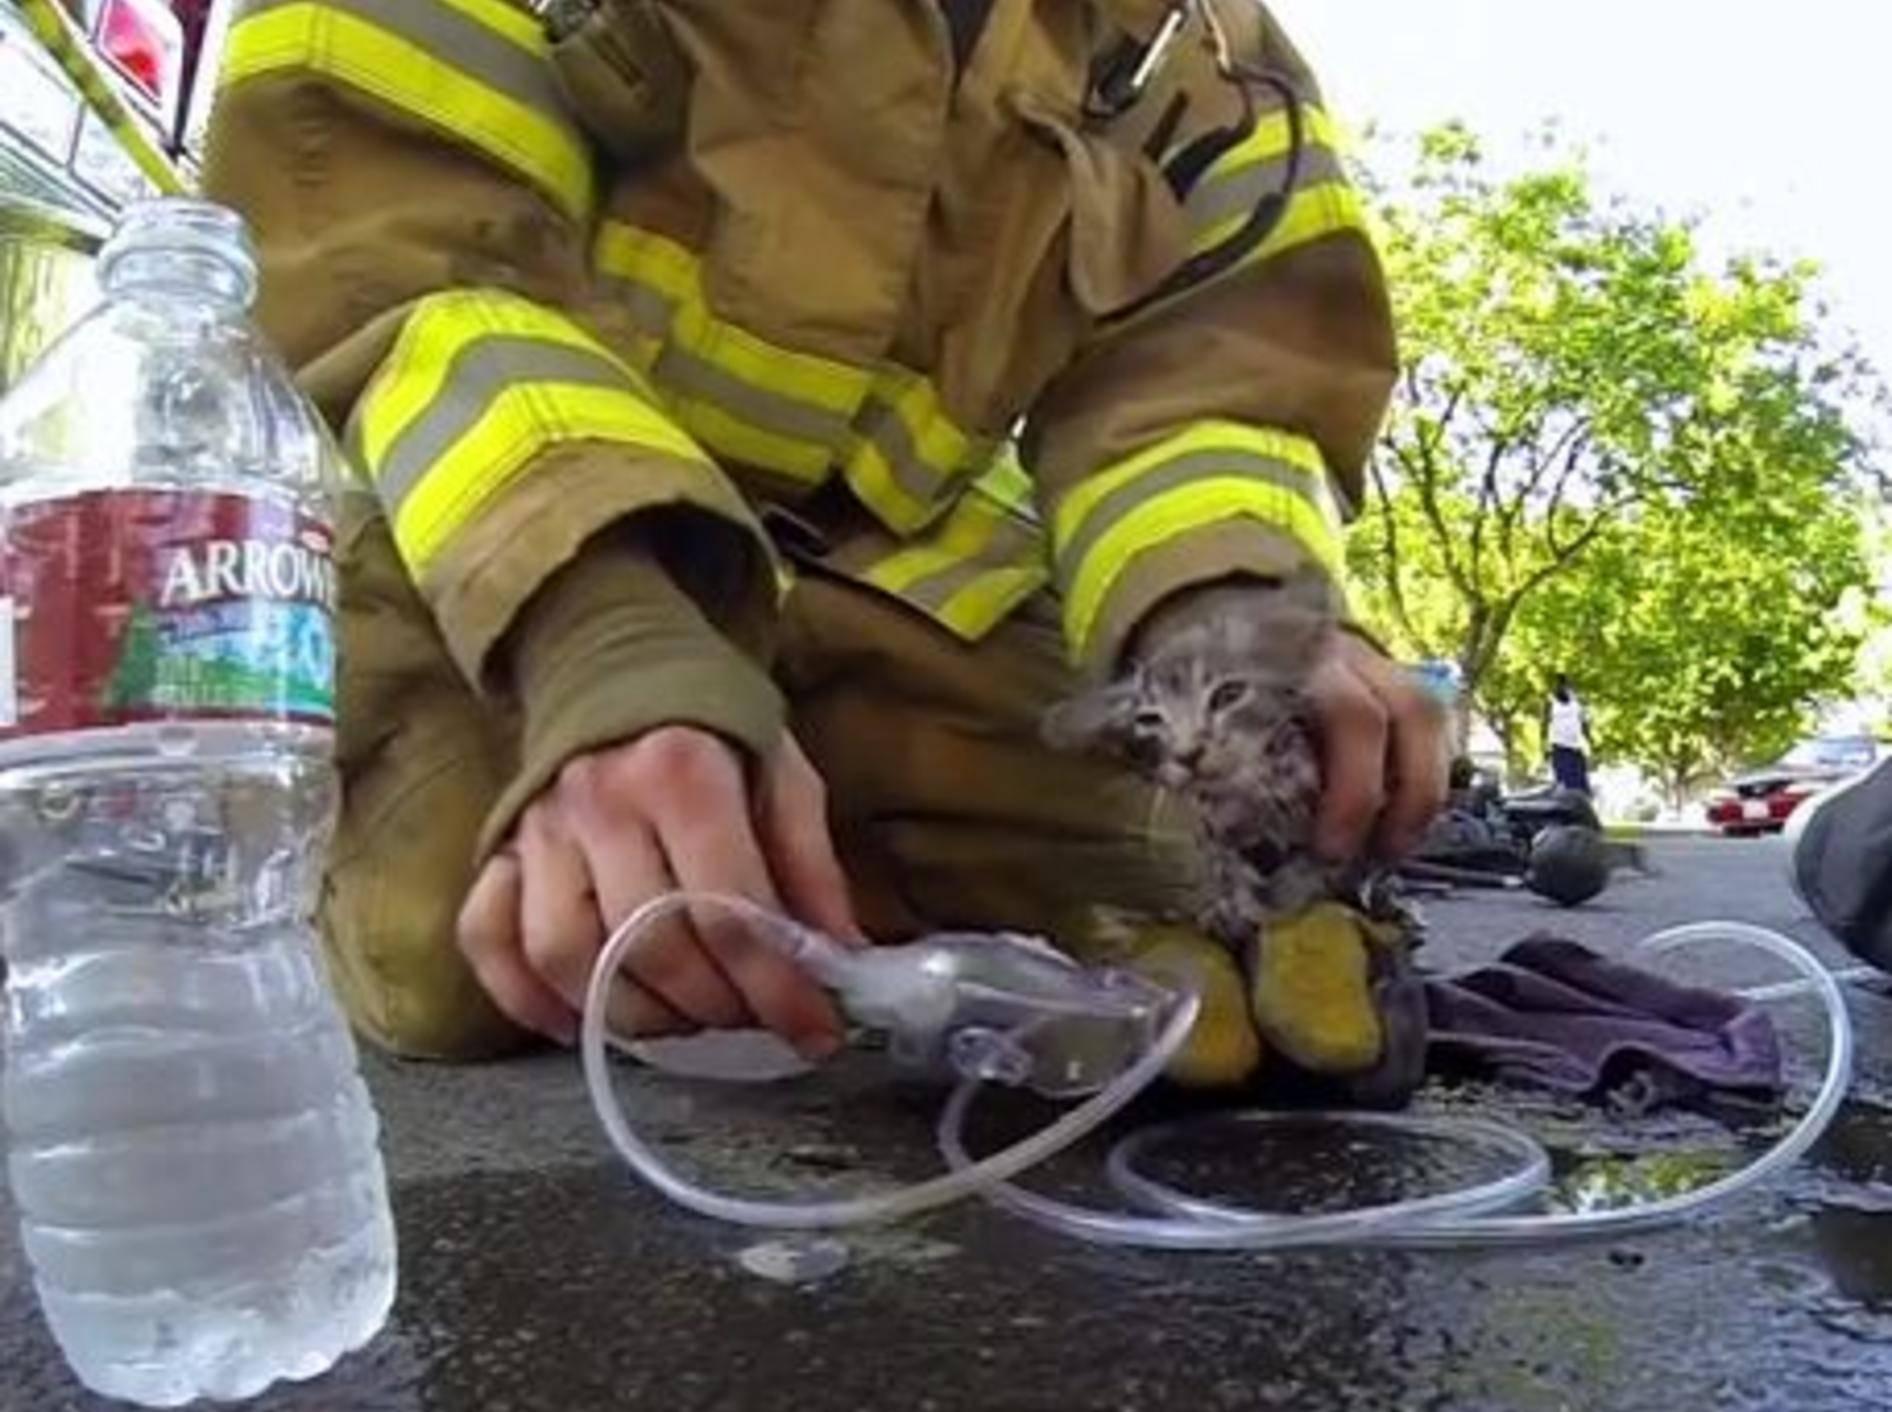 Wahrer Held: Feuerwehrmann rettet Katzenbaby Lucky — Bild: Youtube / GoProCamera